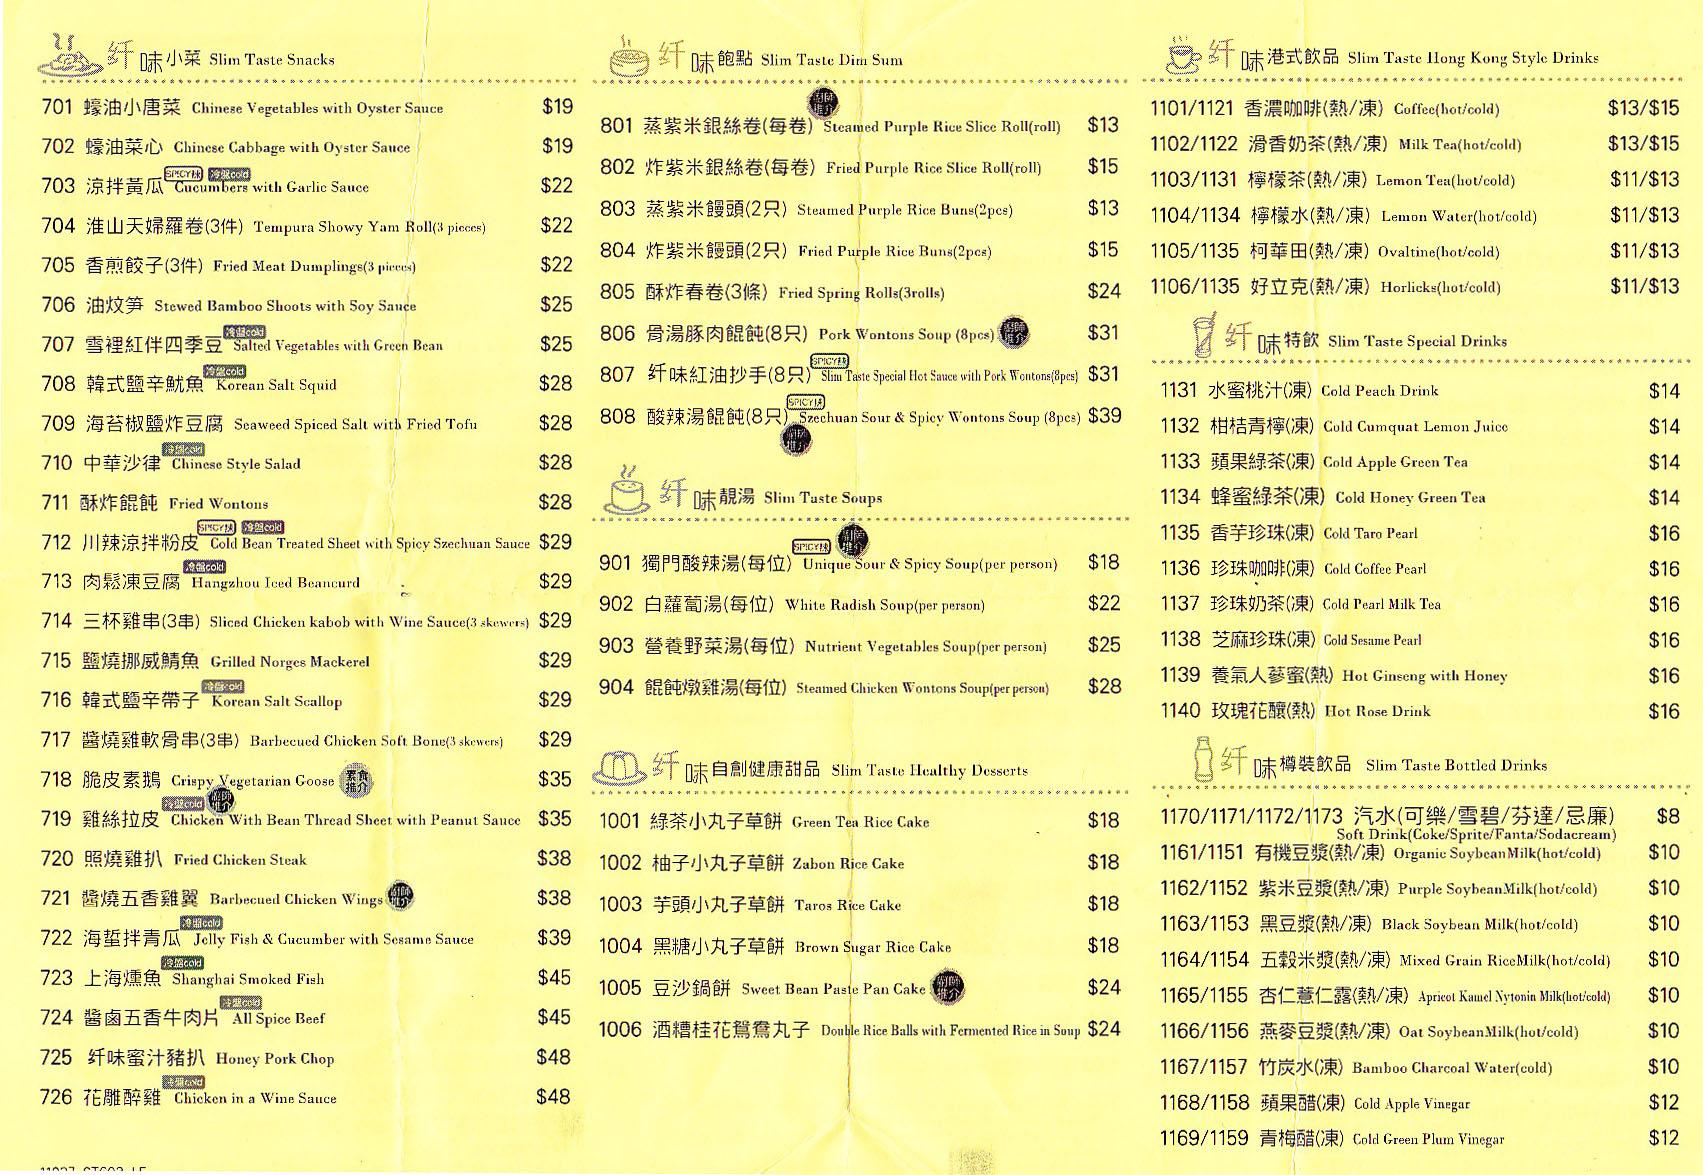 樂富聯合道樂富商場廣場西龍纤味點心Slim Taste茶餐廳餐牌菜單快餐店食物餐飲menu套餐外賣餐單價目表